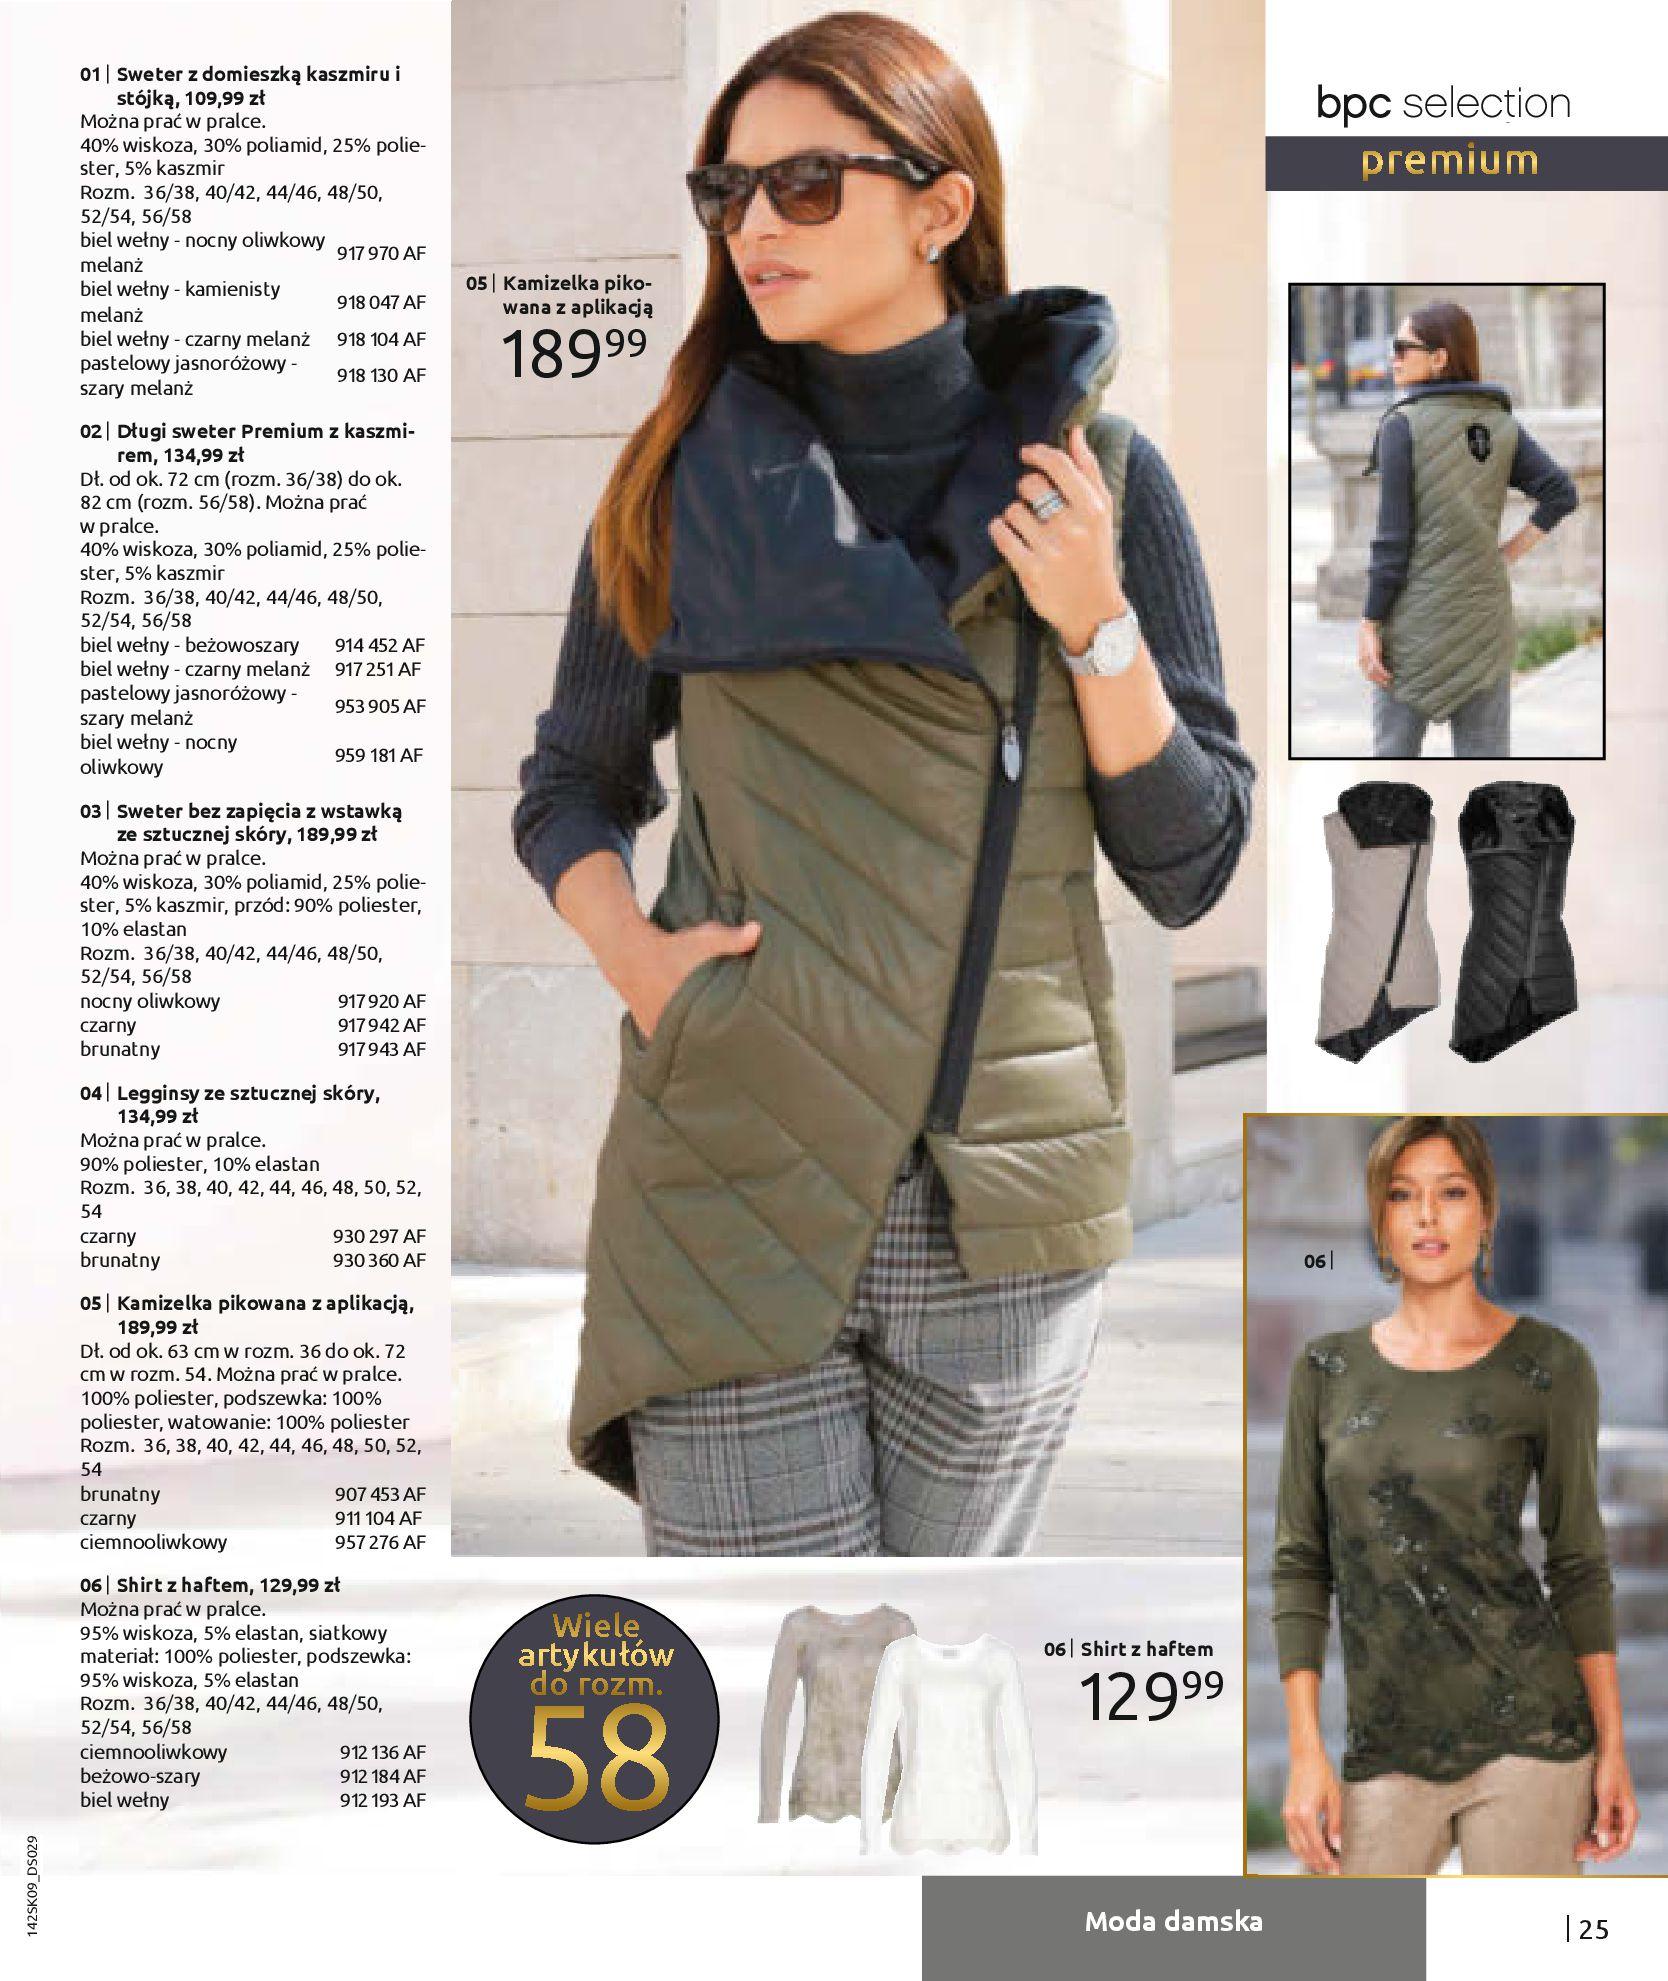 Gazetka Bonprix - Jesienny look-31.08.2020-28.02.2021-page-27